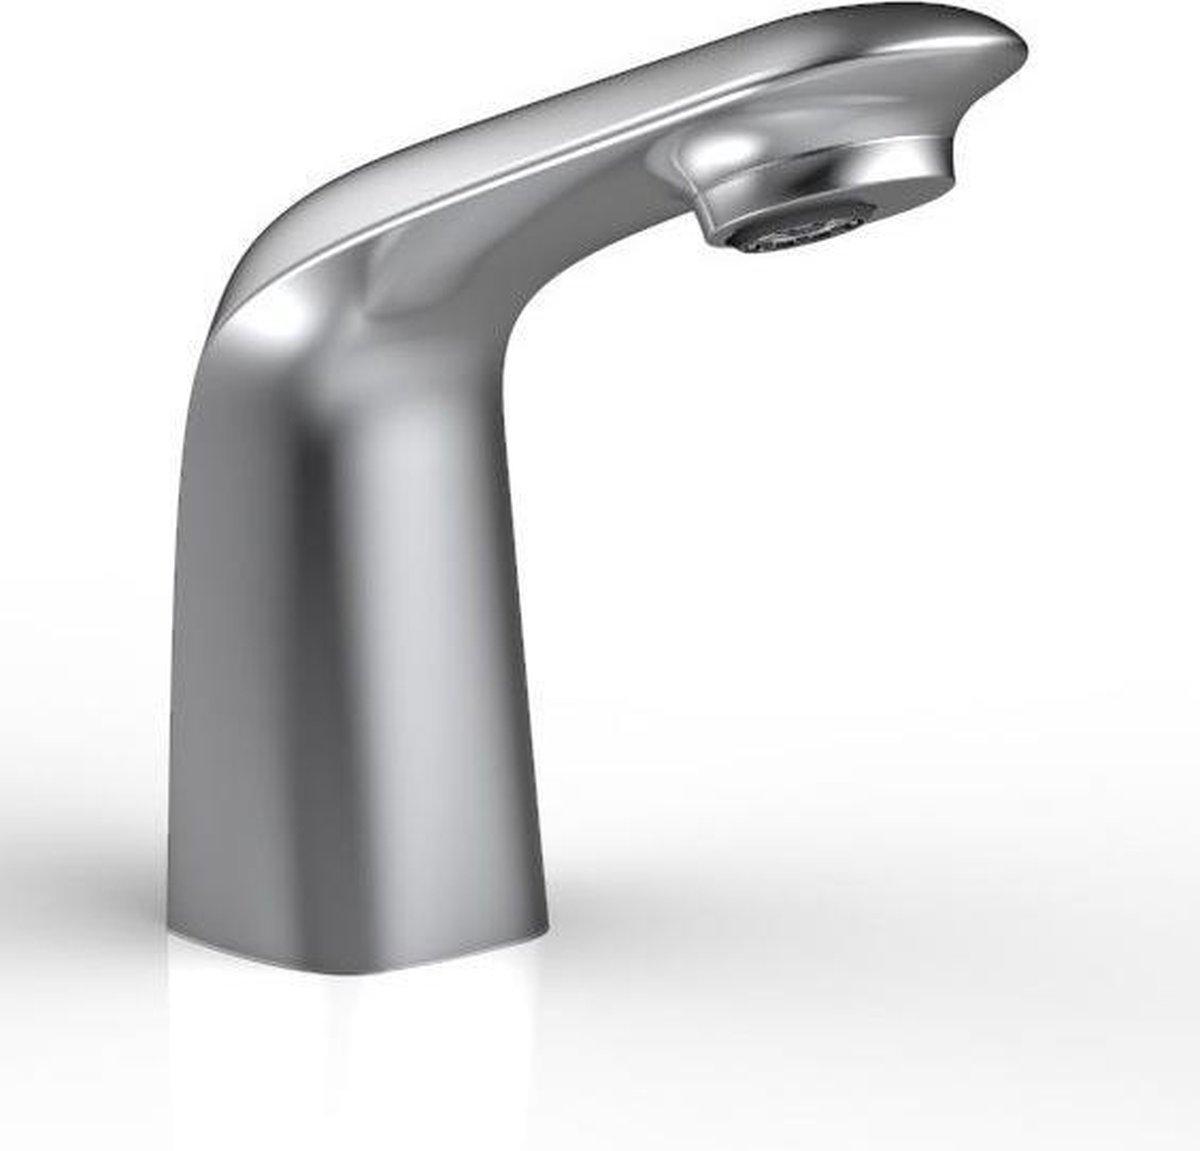 Combisteel opbouw Sensor kraan | RVS | Modern | Horeca Kwaliteit | 7013.1235